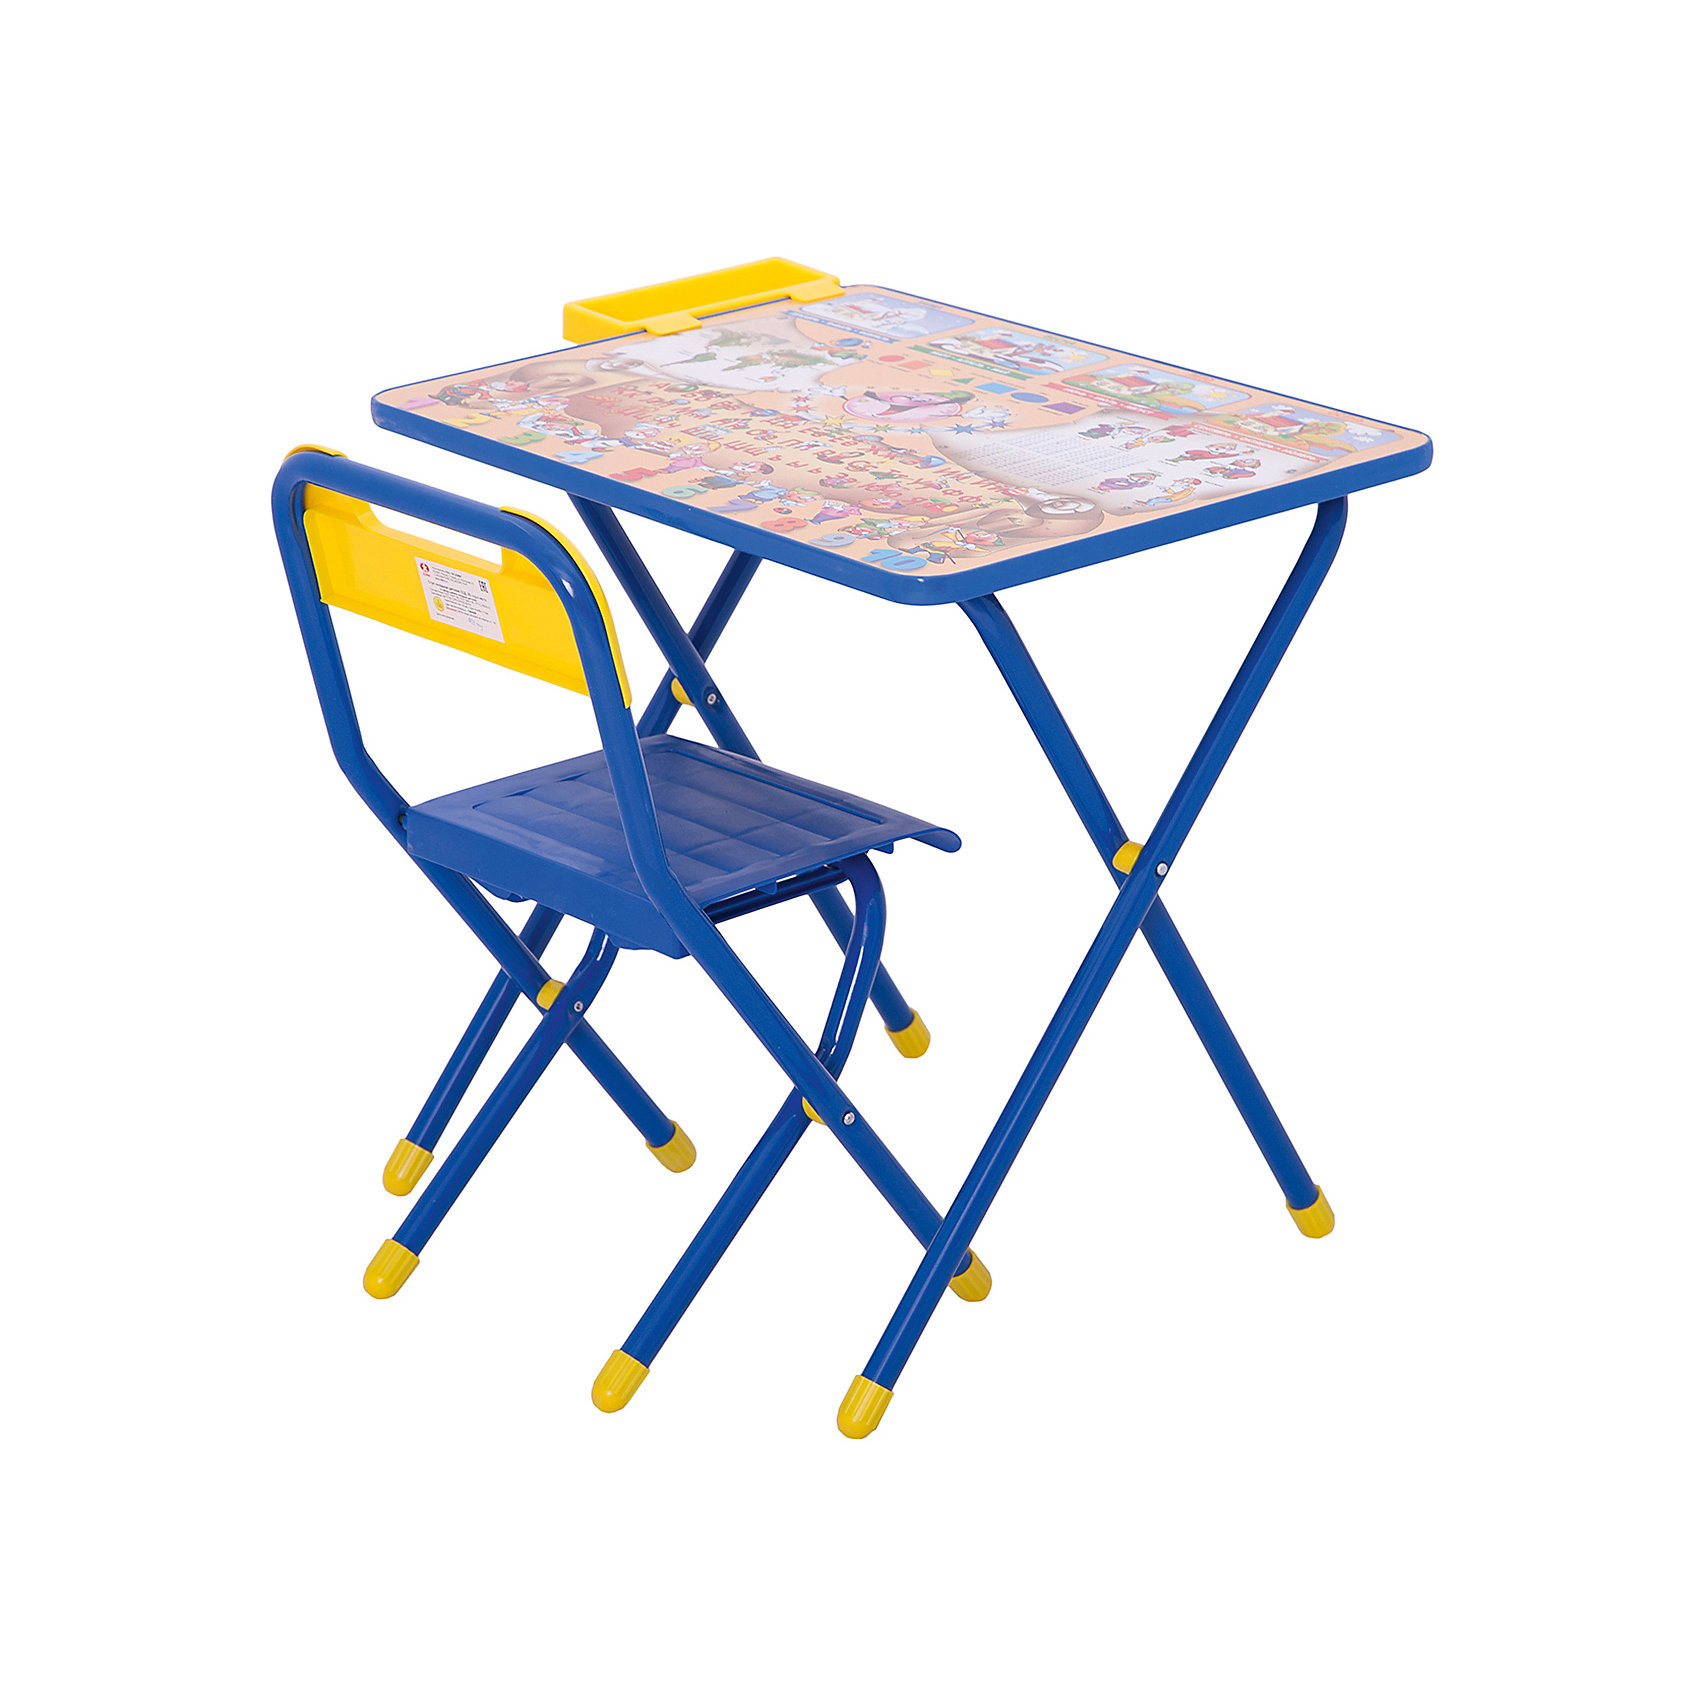 Набор детской складной мебели Веселые гномы, Дэми, синийДетские столы и стулья<br>Каждый ребенок нуждается в удобной, специальной мебели, чтобы его организм мог развиваться правильно. Такая мебель может быть еще и яркой, а также выполнять обучающую функцию.<br>Набор детской складной мебели Веселые гномы - это универсальный комплект необходимых предметов для малыша. Он состоит из стула и стола, выполненных в ярких цветах. Столешница позволяет разместить на ней все необходимые предметы: можно есть, играть или учиться! На ней расположены обучающие рисунки, также прикреплен специальный пенал для канцелярии. Разработан в соответствии с рекомендациями врачей-ортопедов. Сделан из безопасных для ребенка материалов.<br><br><br>Дополнительная информация:<br><br>цвет: синий;<br>материал: металл, пластик;<br>просторная столешница;<br>оригинальный яркий дизайн;<br>обучающие изображения на столешнице;<br>легко моется;<br>соответствует рекомендациям ортопедов;<br>боковой пенал для канцелярии;<br>для детей ростом от 130 до 145 см;<br>размер столешницы: 45 х 60 см;<br>высота столешницы: 58 см;<br>высота стула: 34 см;<br>сиденье: 26х28 см;<br>спинка: 12х34 см;<br>максимальная нагрузка: 40 кг.<br><br>Набор детской складной мебели Веселые гномы можно купить в нашем магазине.<br><br>Ширина мм: 77<br>Глубина мм: 73<br>Высота мм: 15<br>Вес г: 8500<br>Возраст от месяцев: 48<br>Возраст до месяцев: 96<br>Пол: Унисекс<br>Возраст: Детский<br>SKU: 4693951